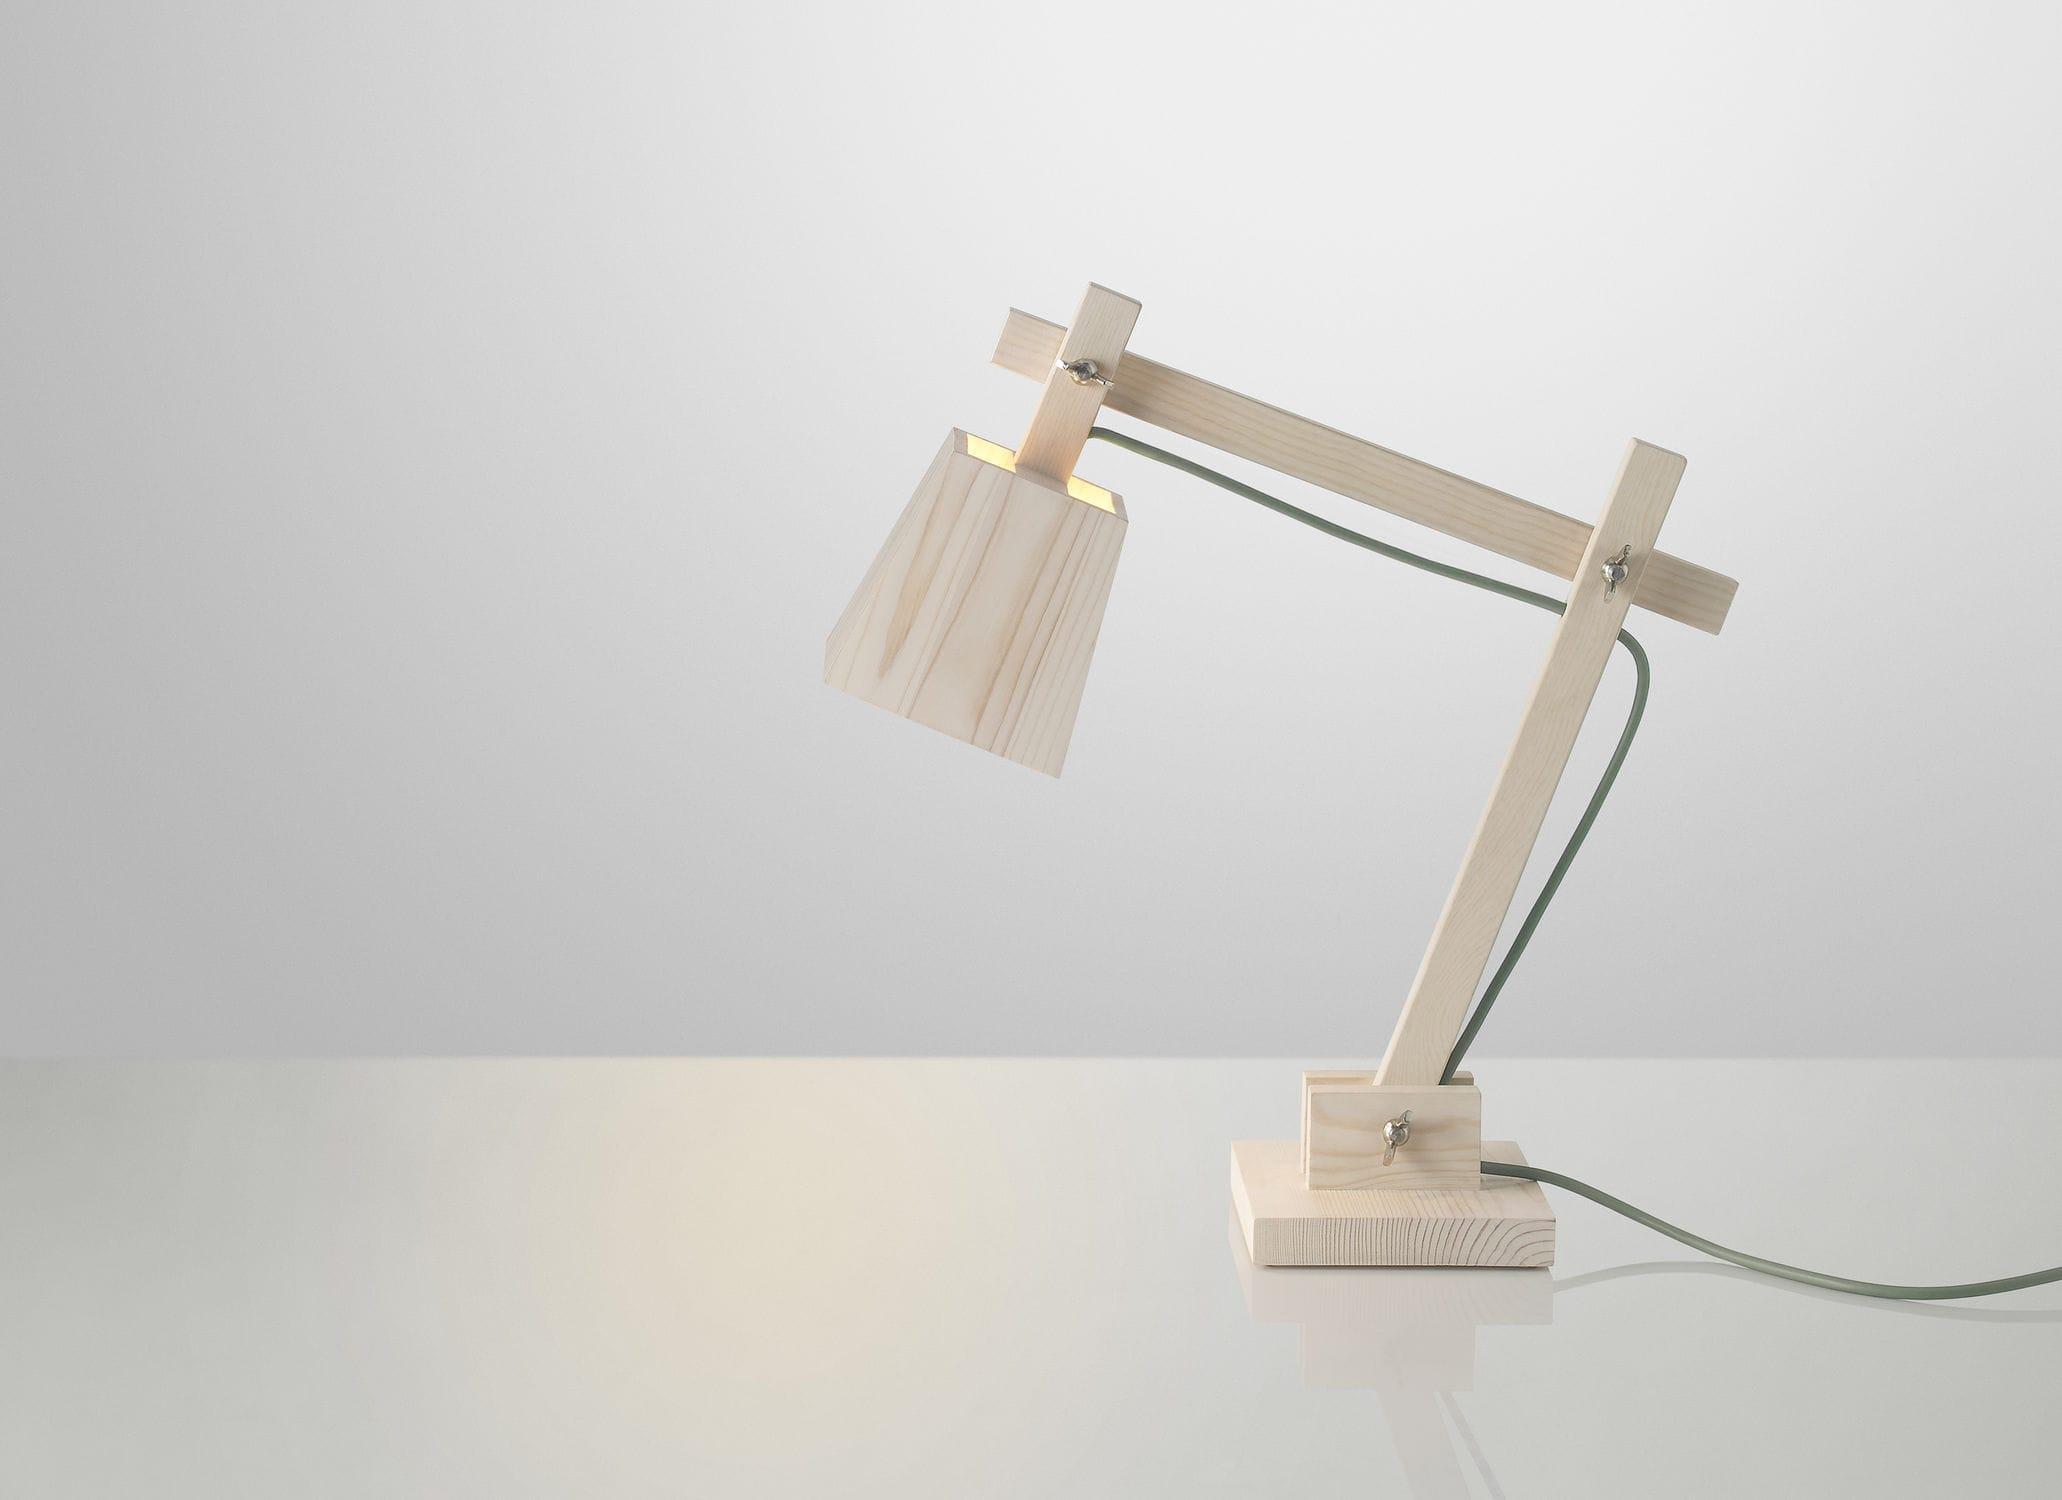 Lampe de bureau design original en bois bras articul